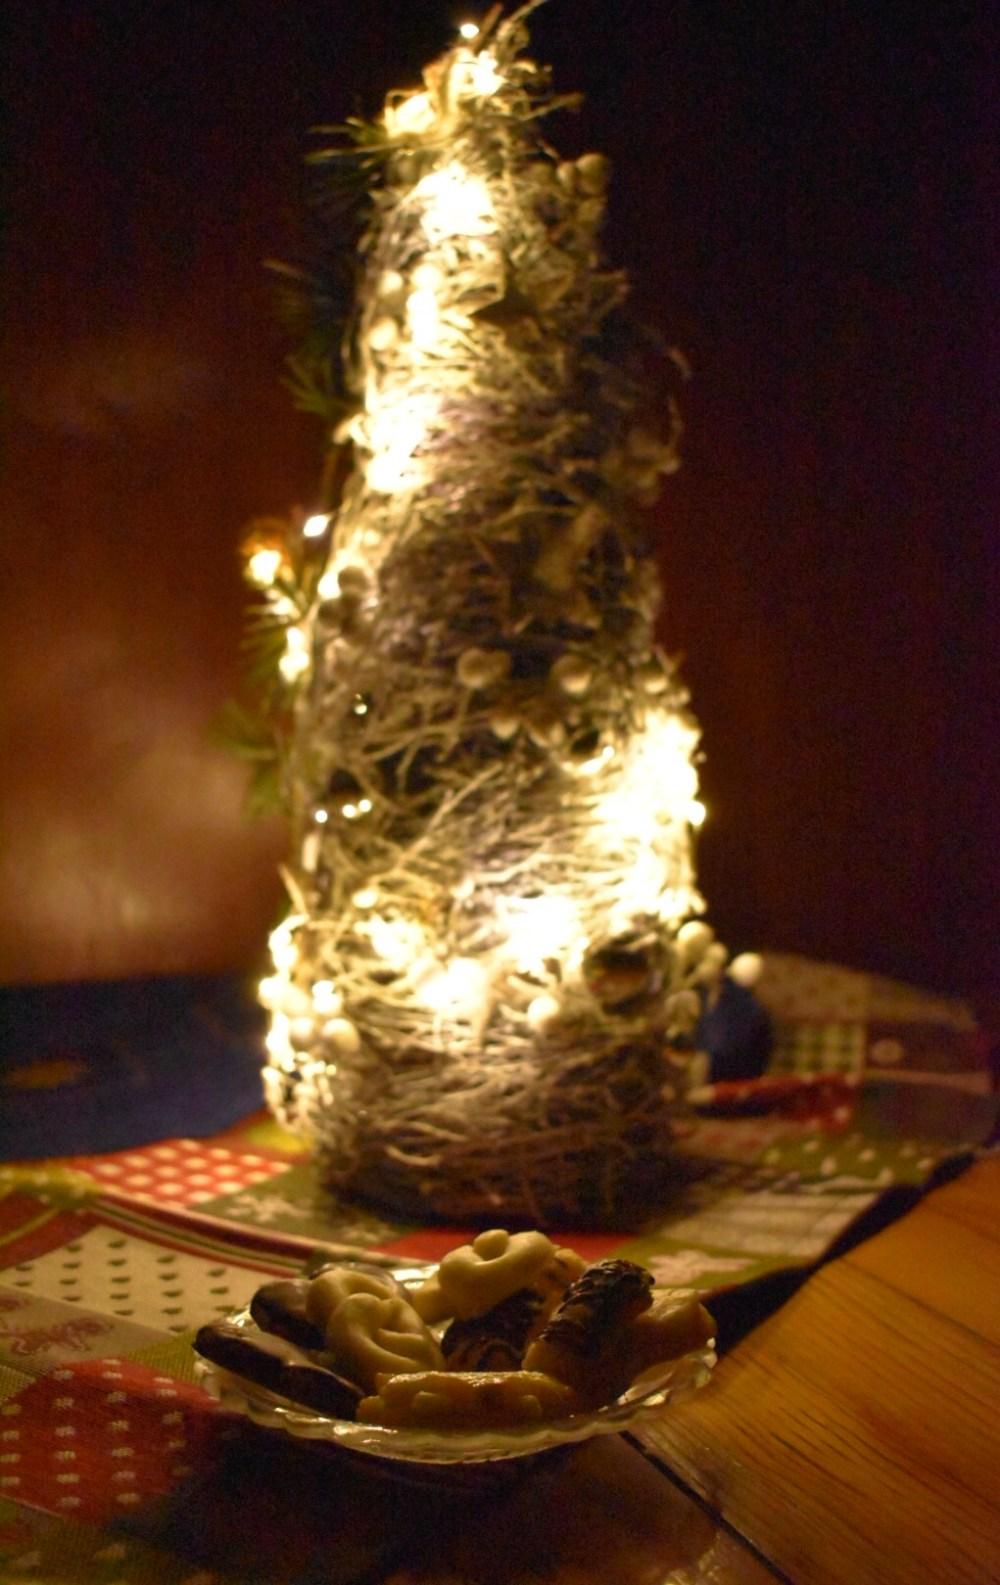 Stillleben mit beleuchtetem Weihnachtsbaum, Weihnachtsplätzchen und Tischdecken